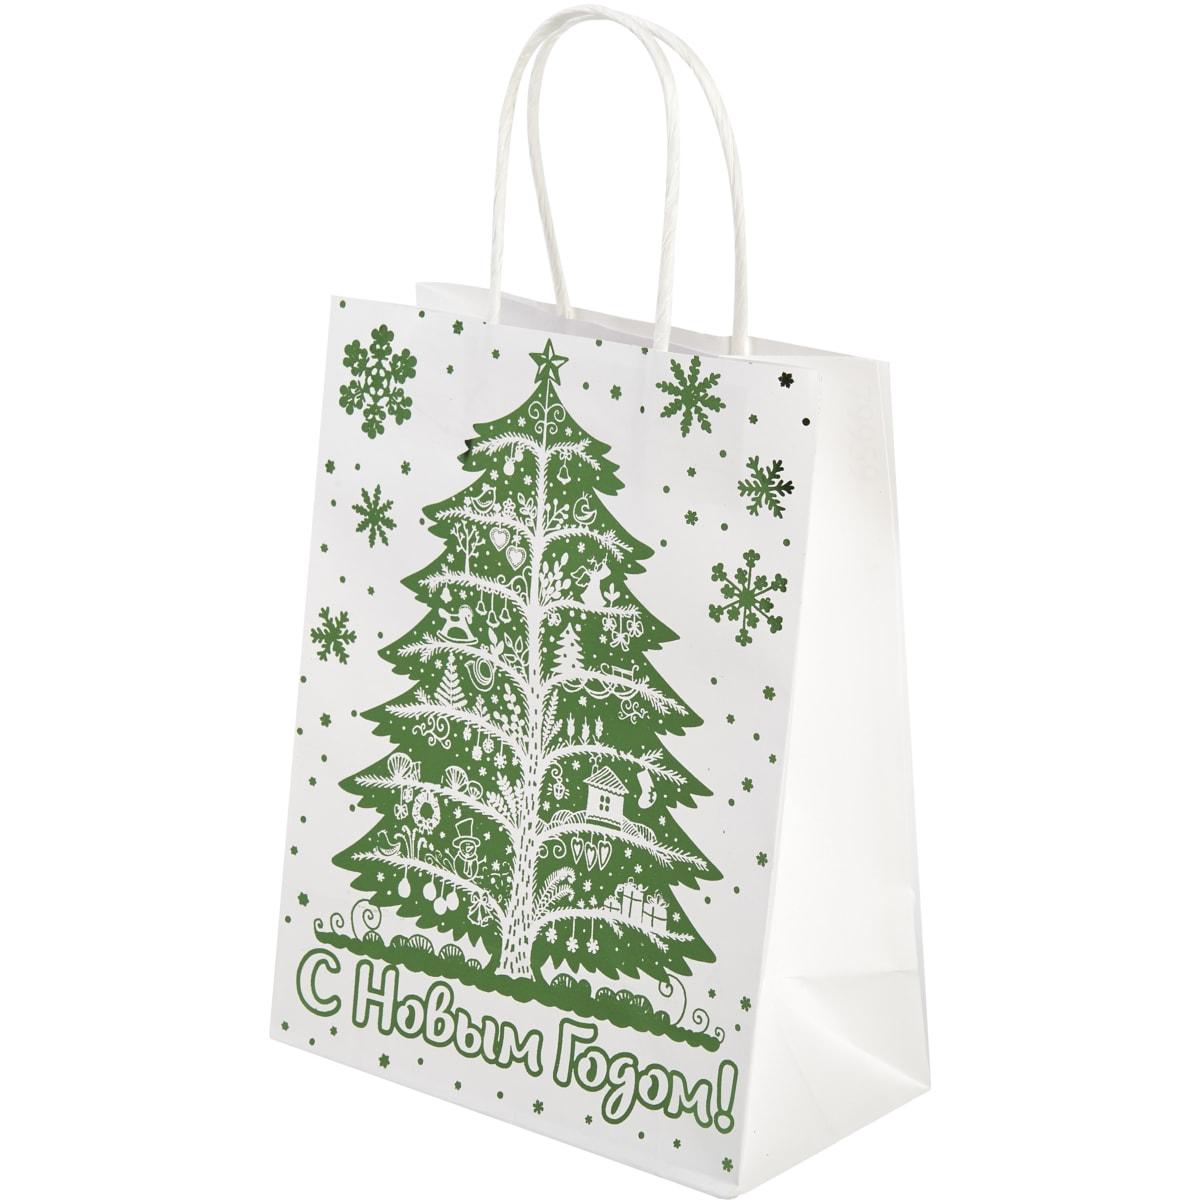 Пакет подарочный крафтовый «Зелёная ёлочка» 18x23 см